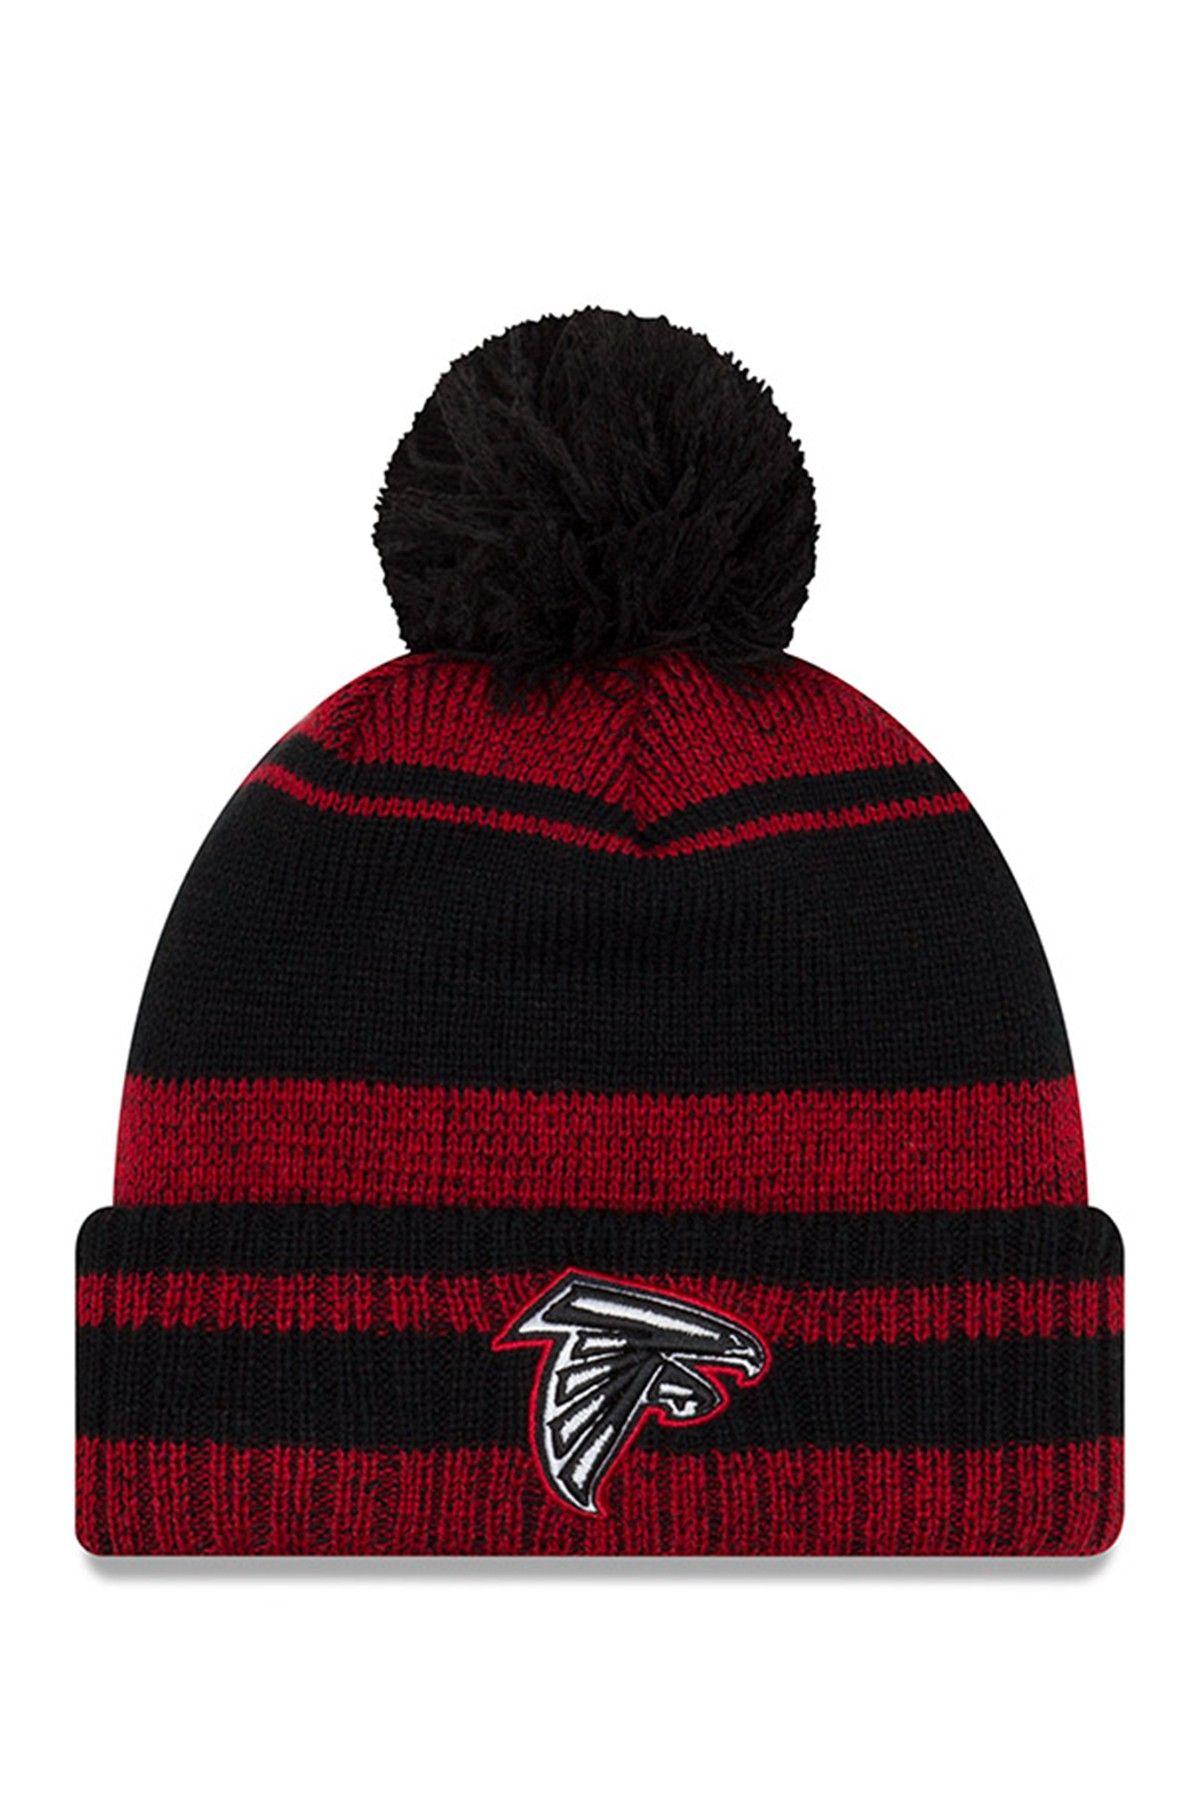 New Era Cap Nfl Atlanta Falcons Glacial Pom Knit Beanie Beanie Knit Beanie Atlanta Falcons